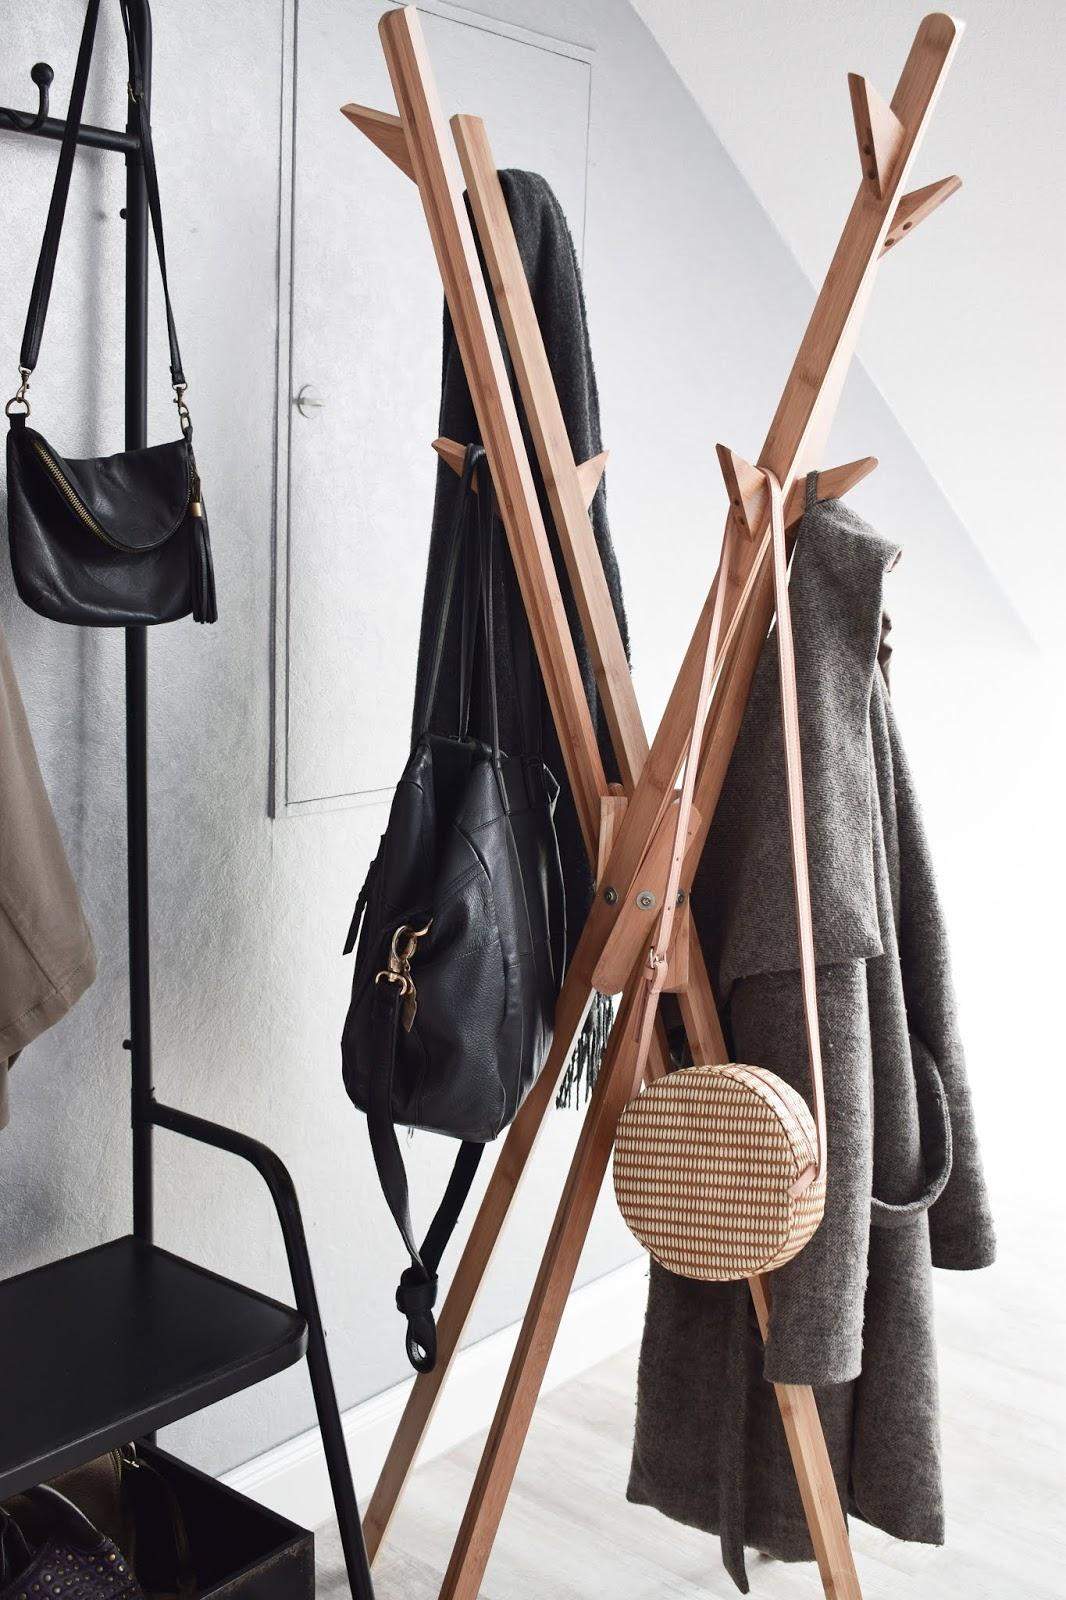 Garderobe Ideen für Flur zur praktischen Aufbewahrung von Jacken und Taschen: Standgarderobe aus Bambus von Wenko: Mikado. Einrichtung Dekoidee aufbewahren natürlich wohnen umweltfreundlich